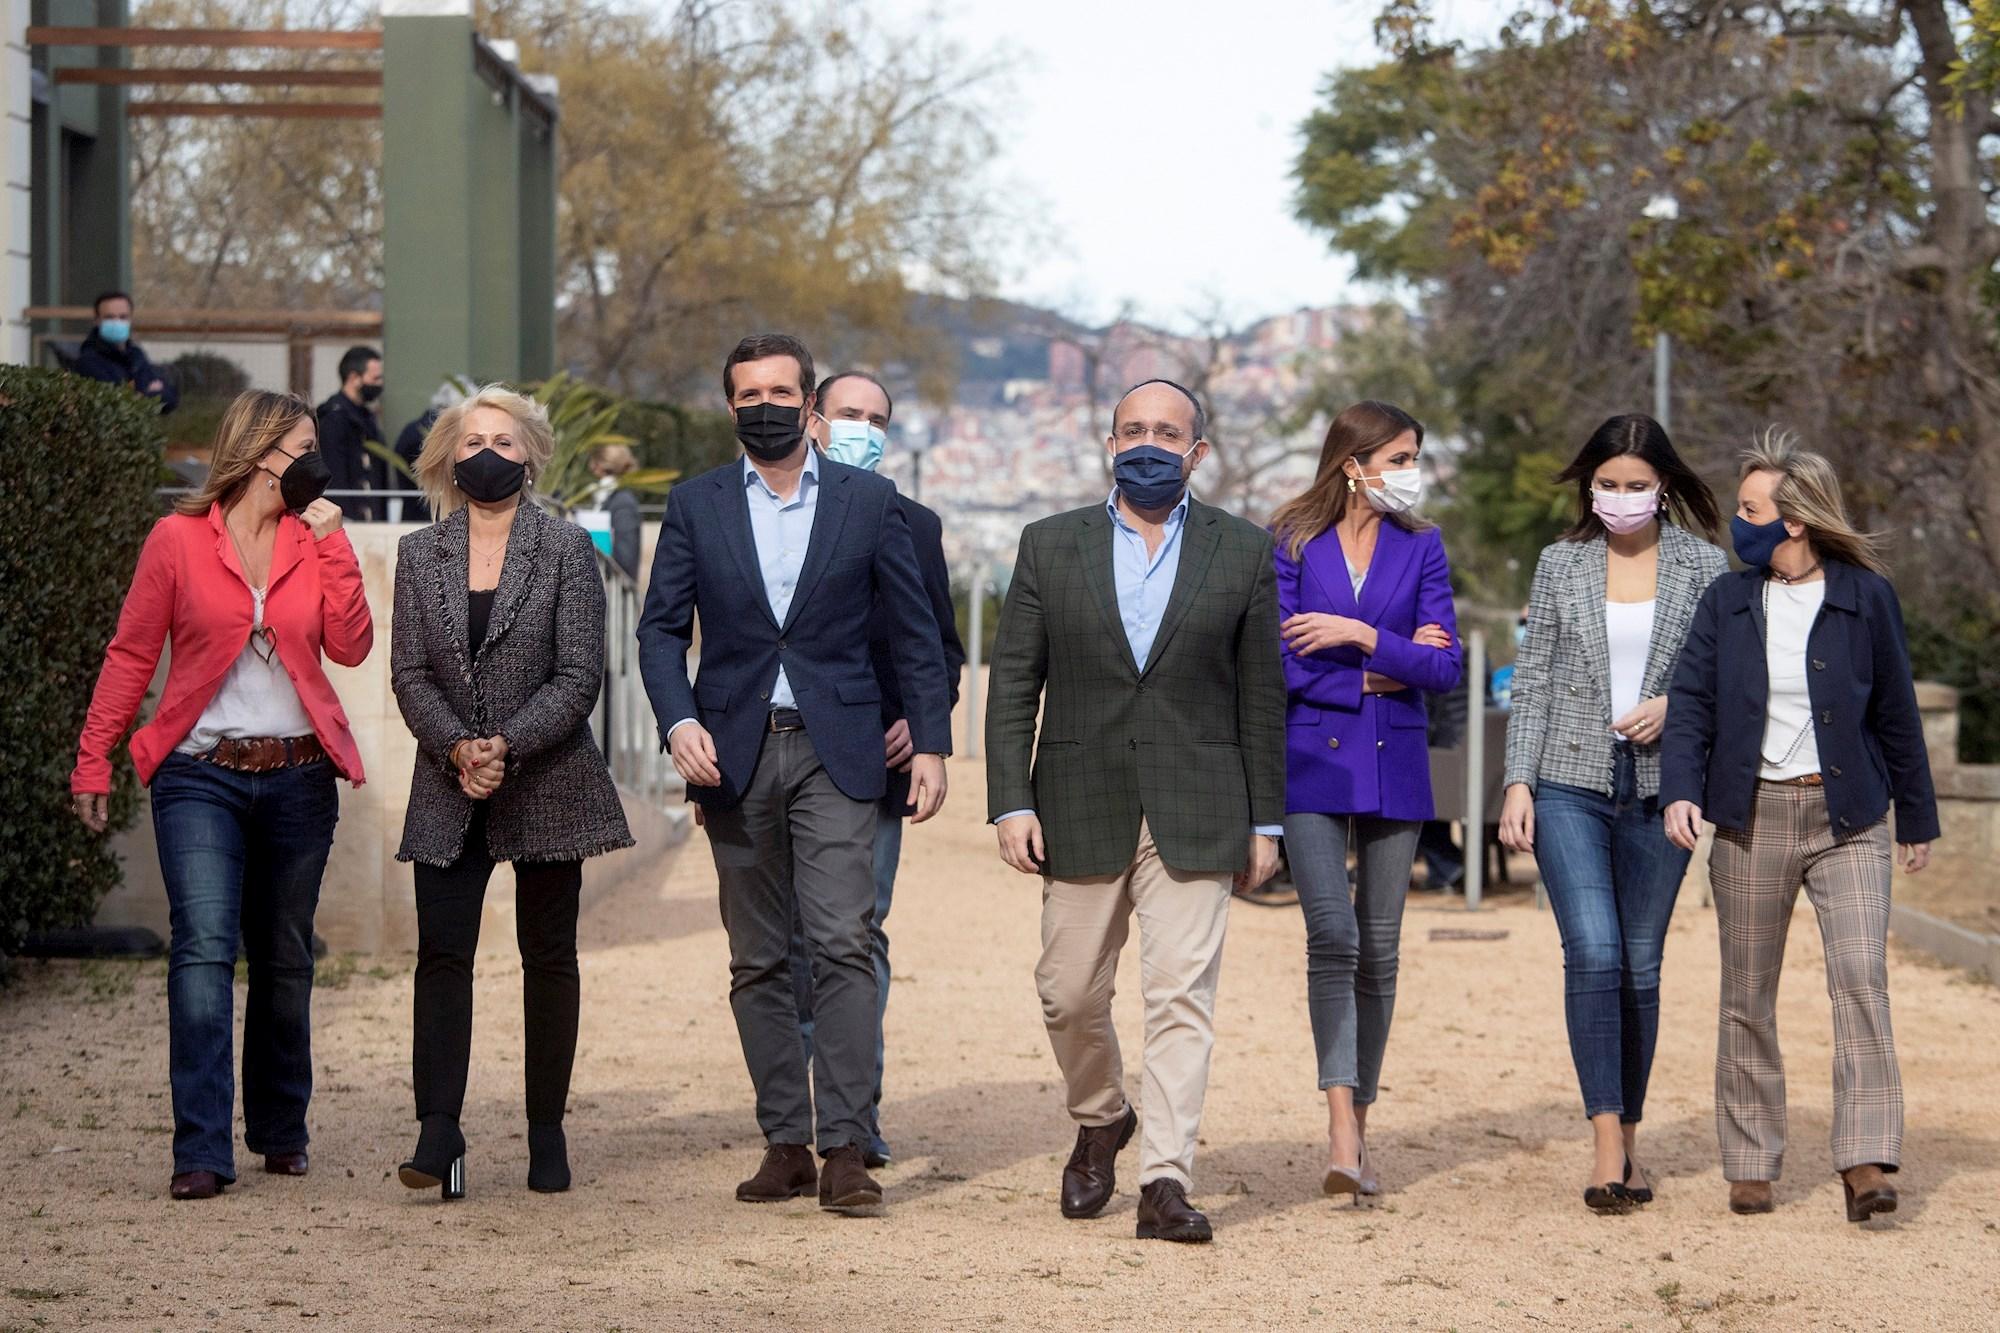 Detrás de Pablo Casado, Daniel Serrano, secretario general del PP, junto a otros miembros del PP catalán como Alejandro Fernández y Lorena Roldán, el 23 de enero de 2021 en un acto en Barcelona | EFE/MP